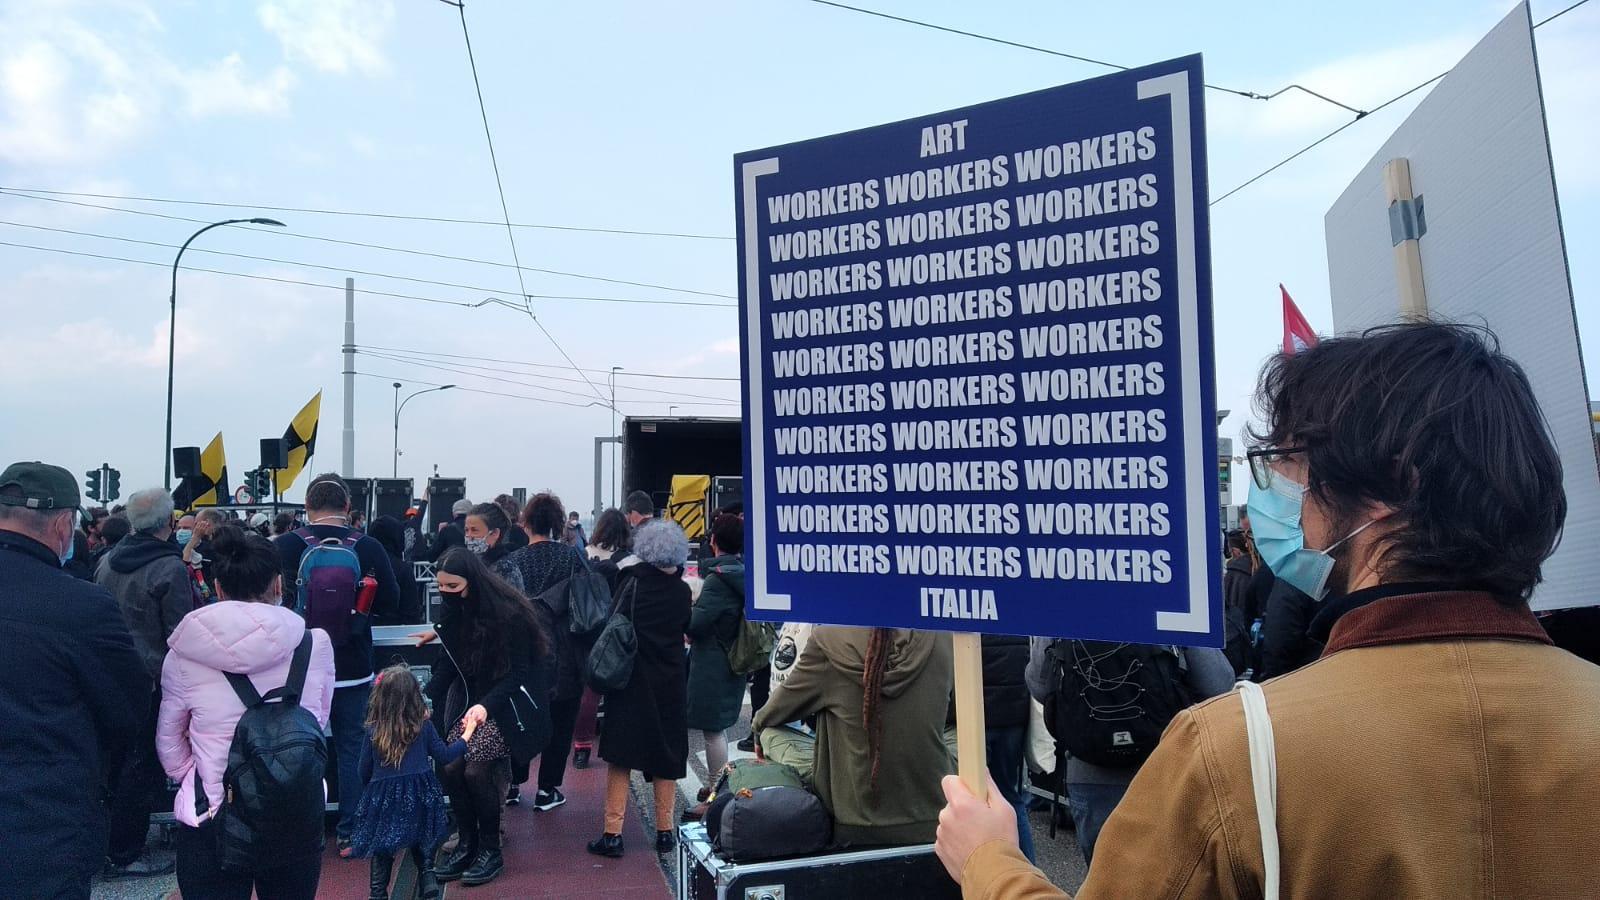 Nell'arte contemporanea, tanti lavoratori qualificati (specie donne) ma guadagnano poco: l'indagine